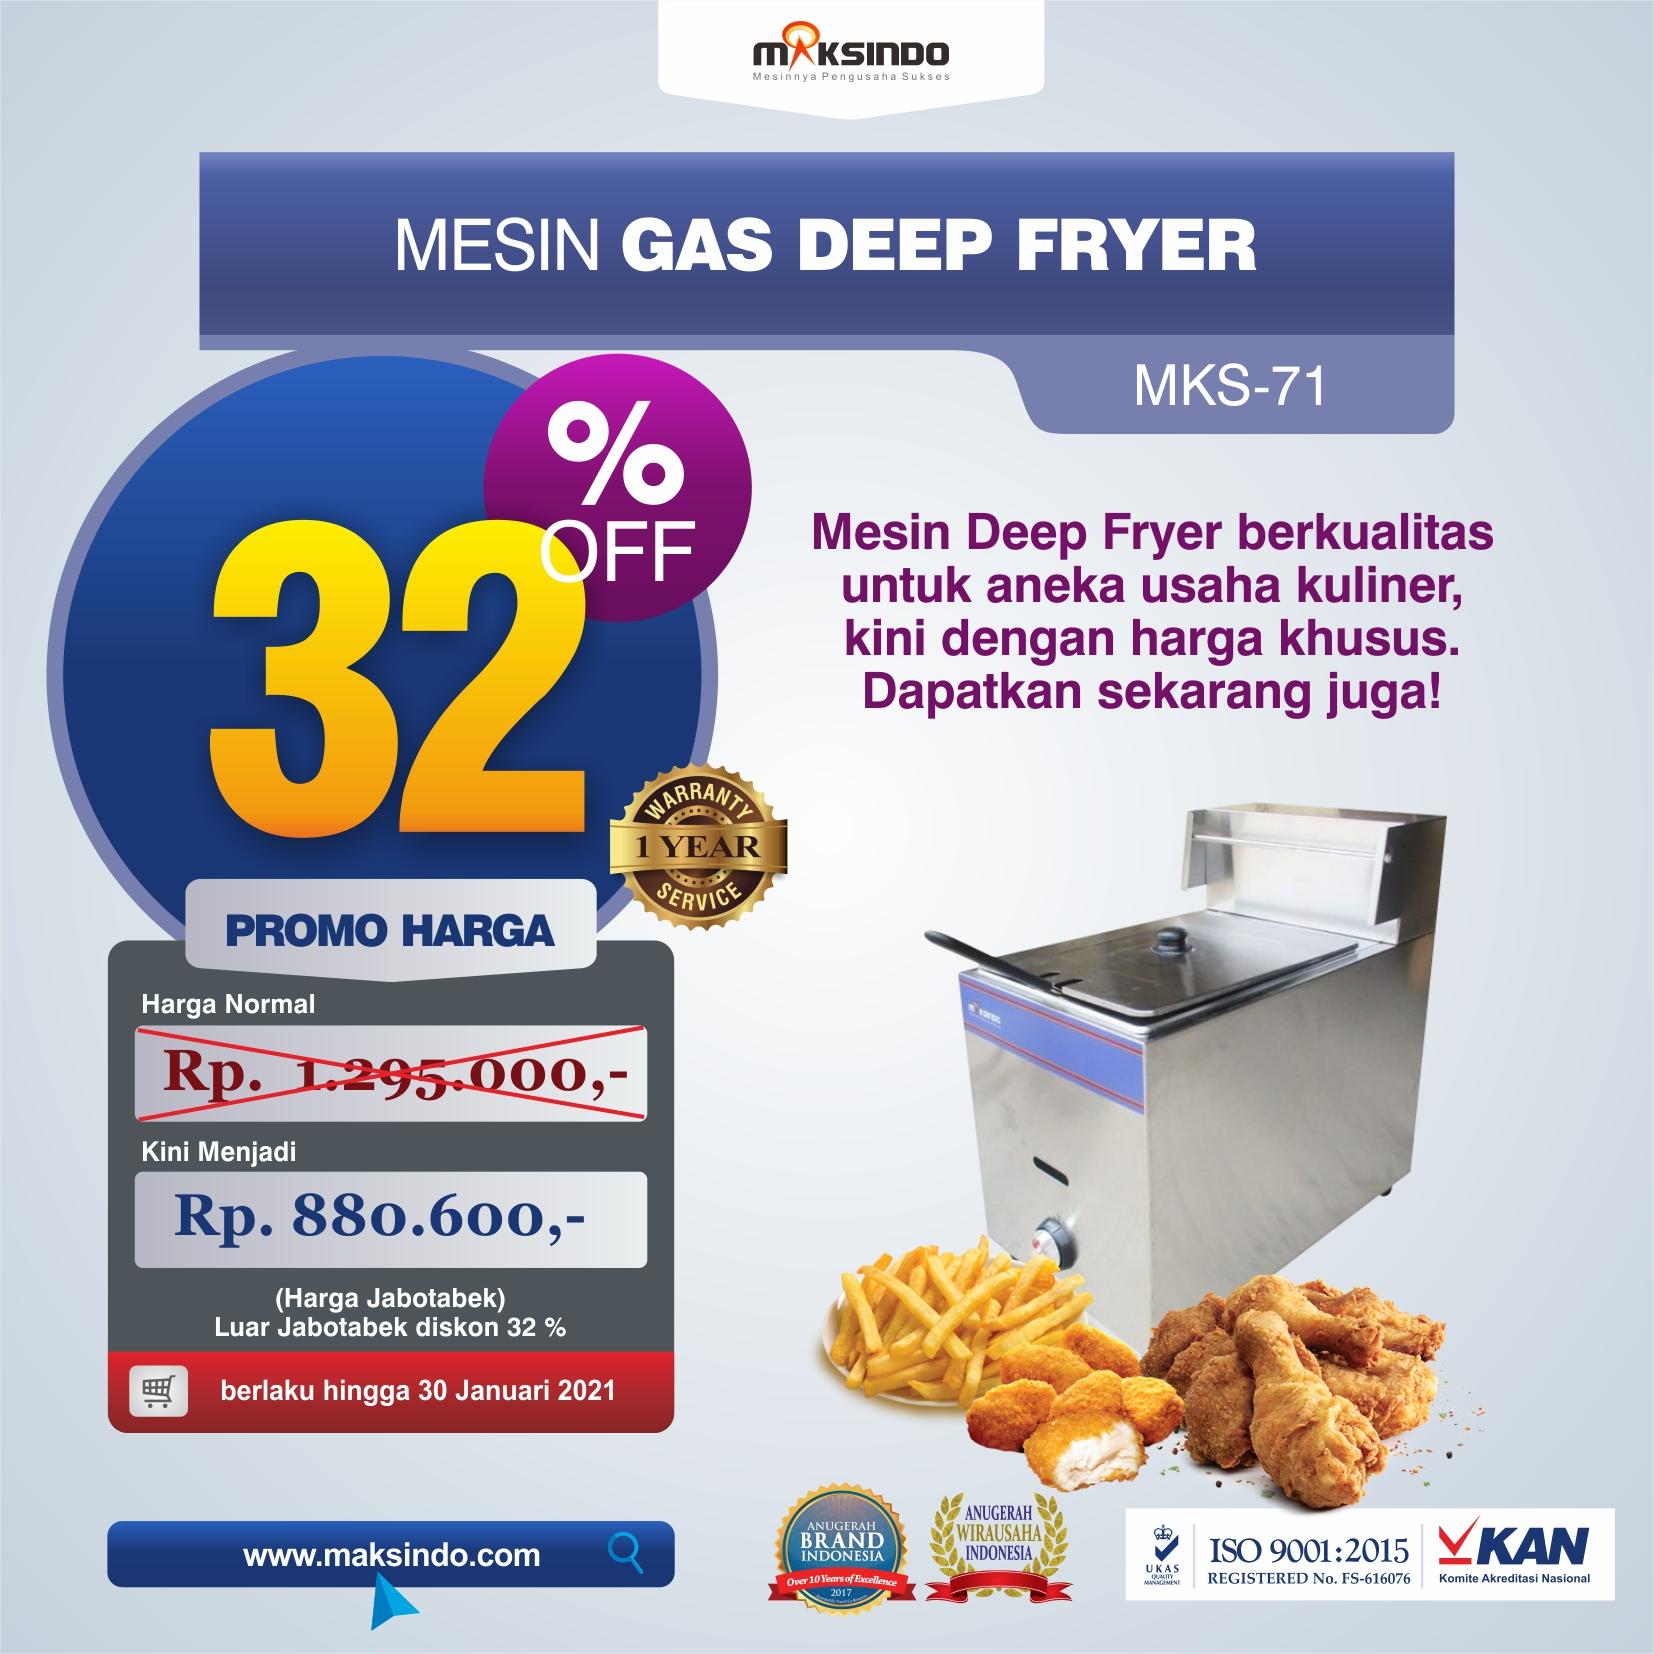 Jual Mesin Gas Deep Fryer MKS-71 di Solo